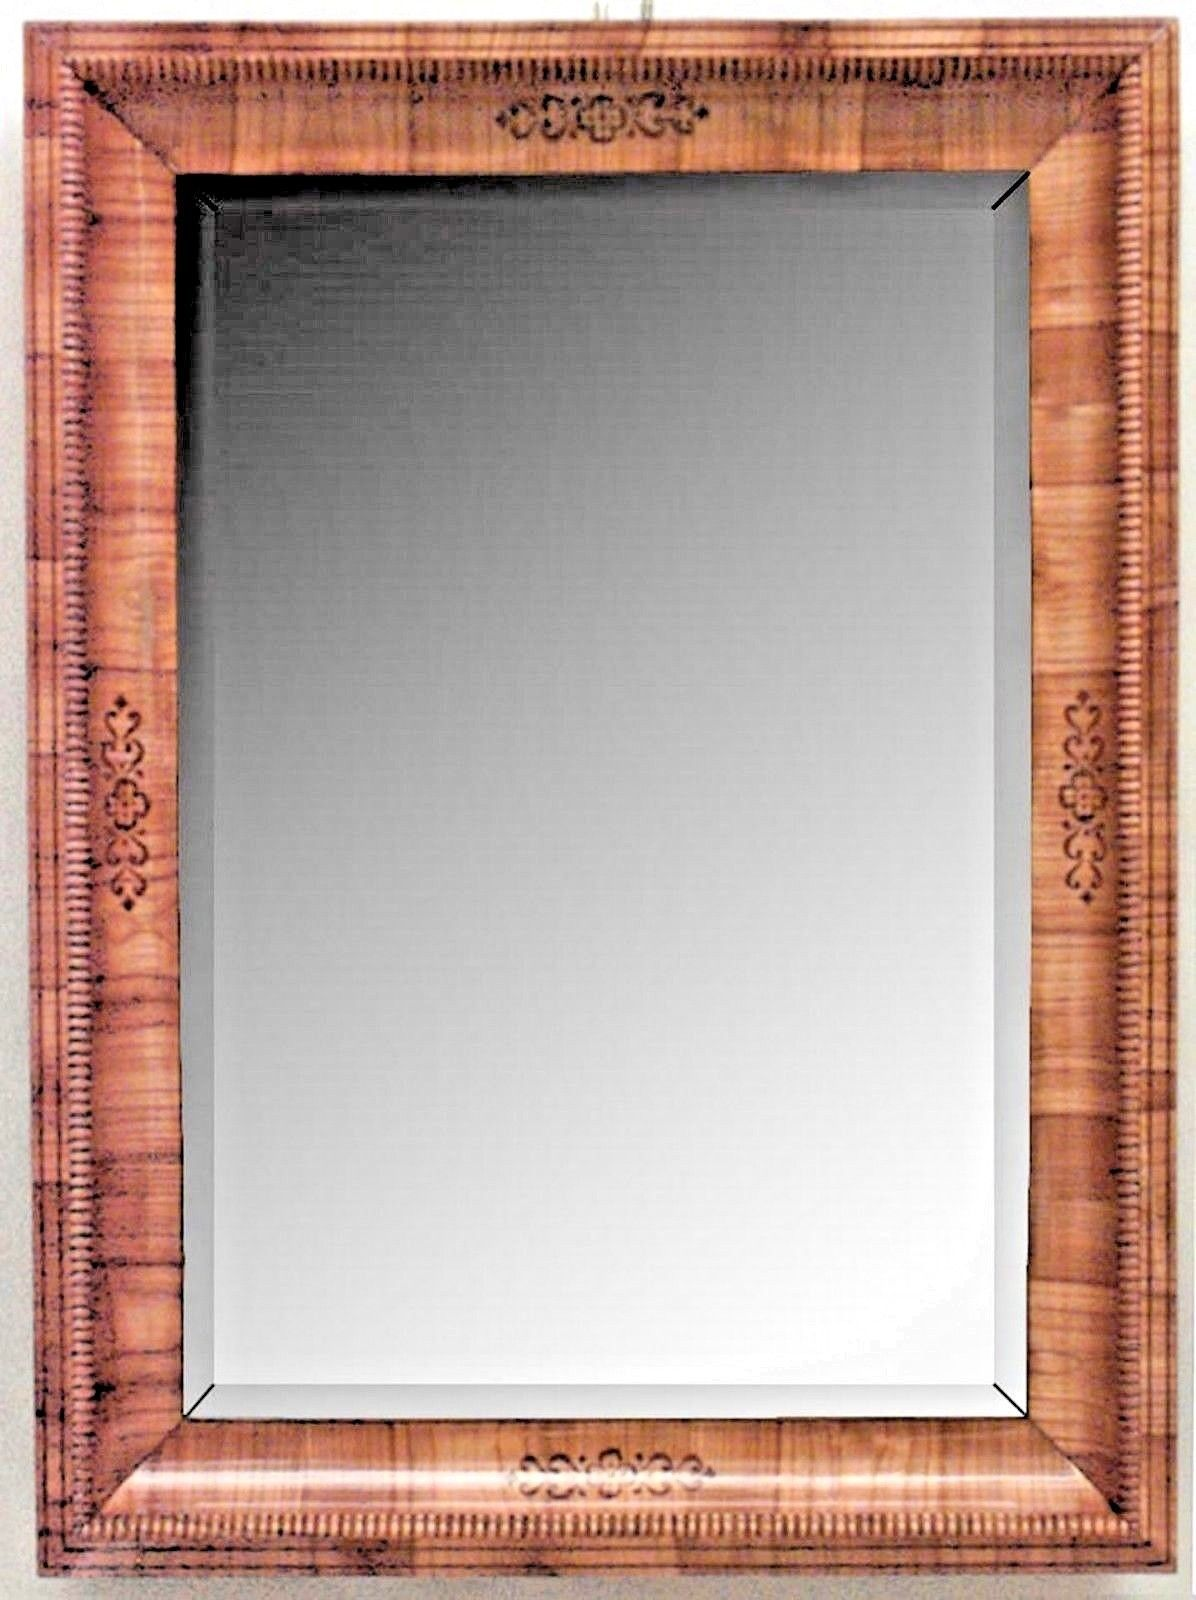 Austrian Biedermeier Cherrywood Rectangular Wall Mirror Antique Visit To Purchase